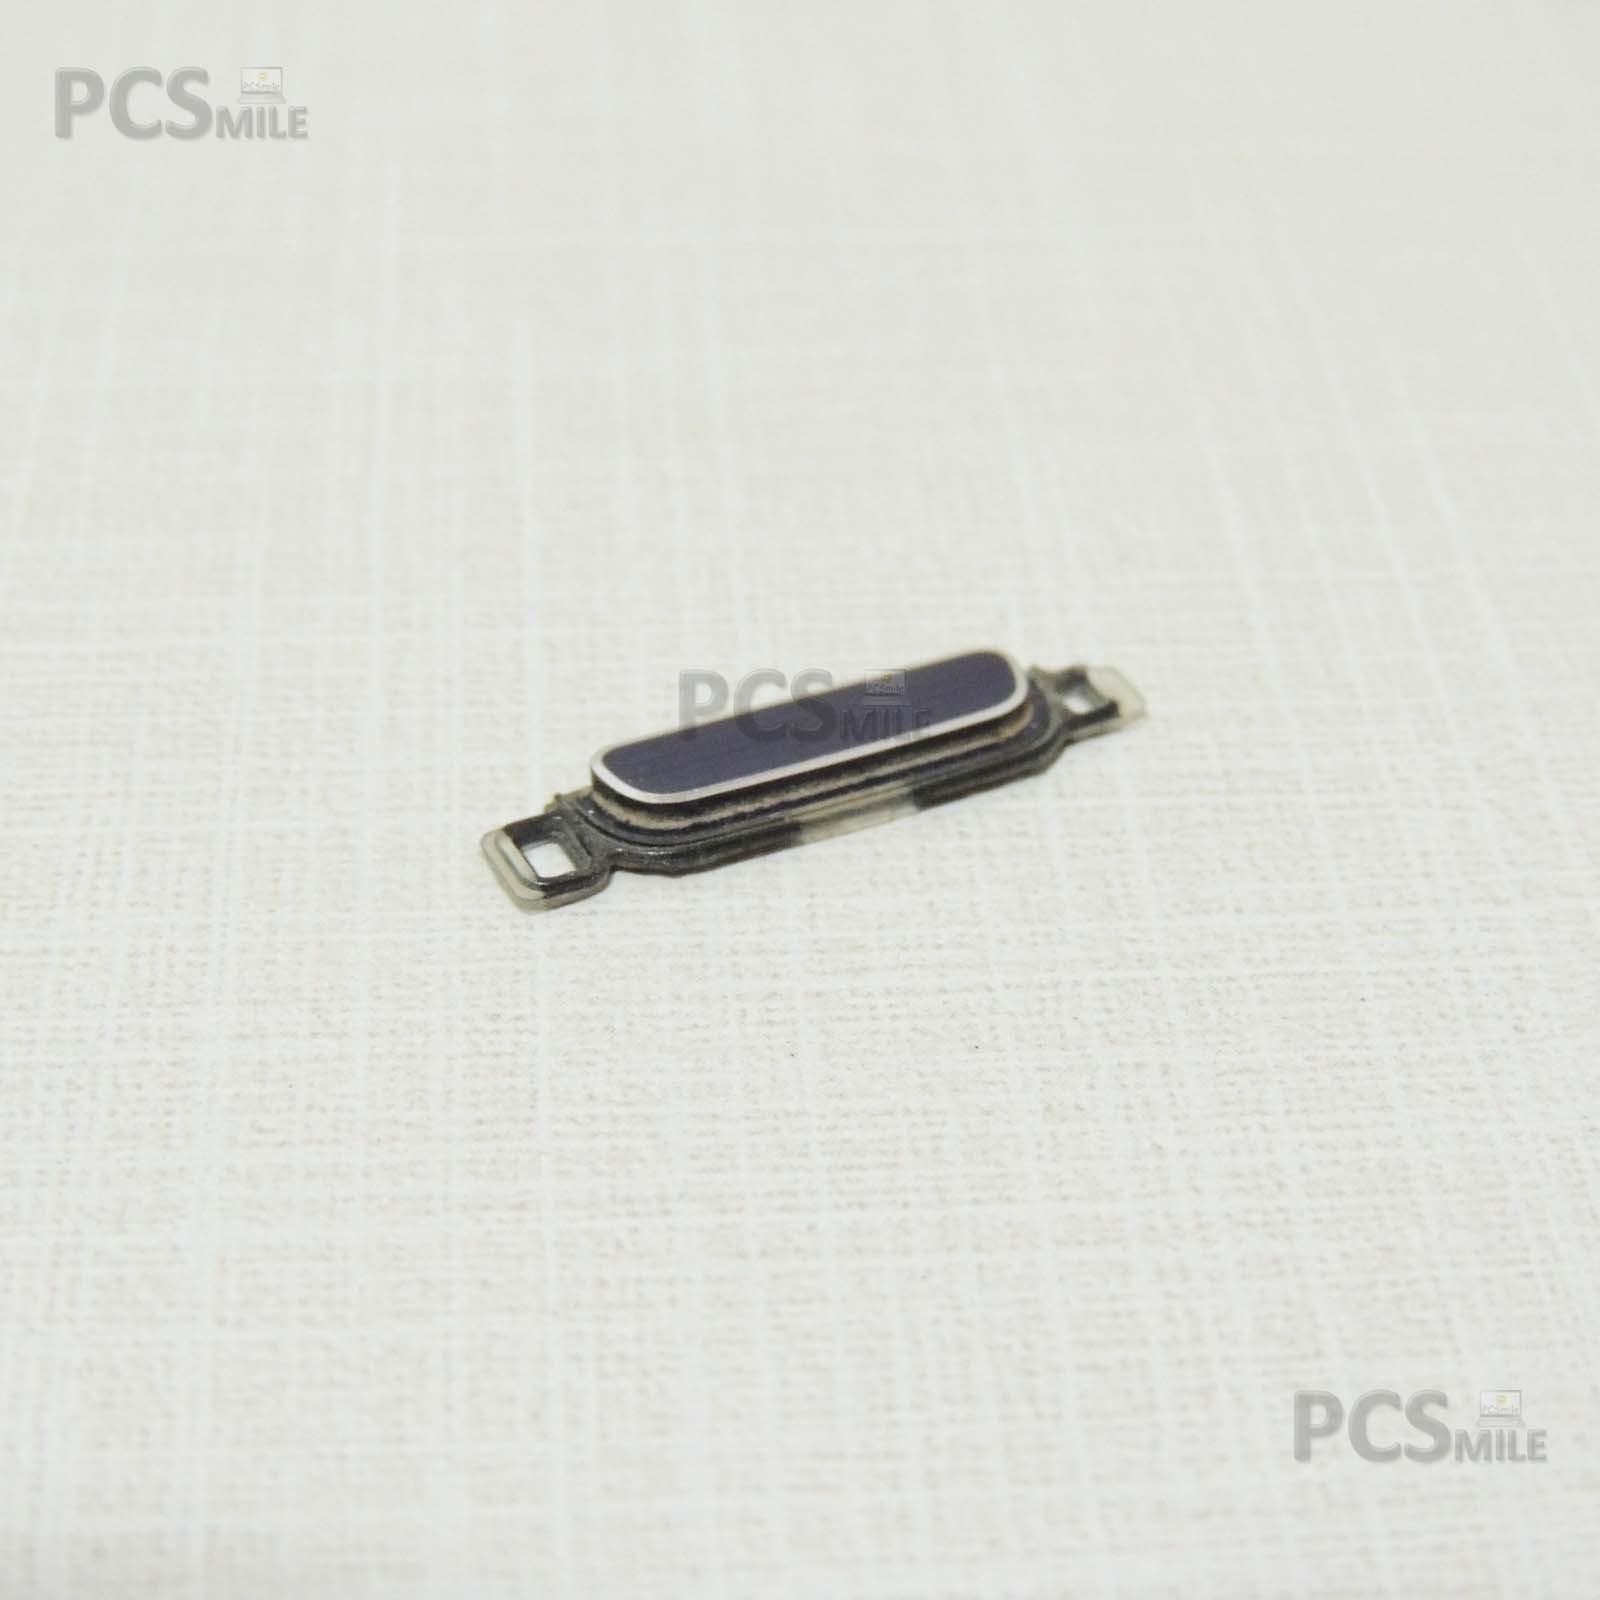 Tasto Home Samsung Galaxy S3 GT-i9300 Galaxy S III tasto esterno blu originale